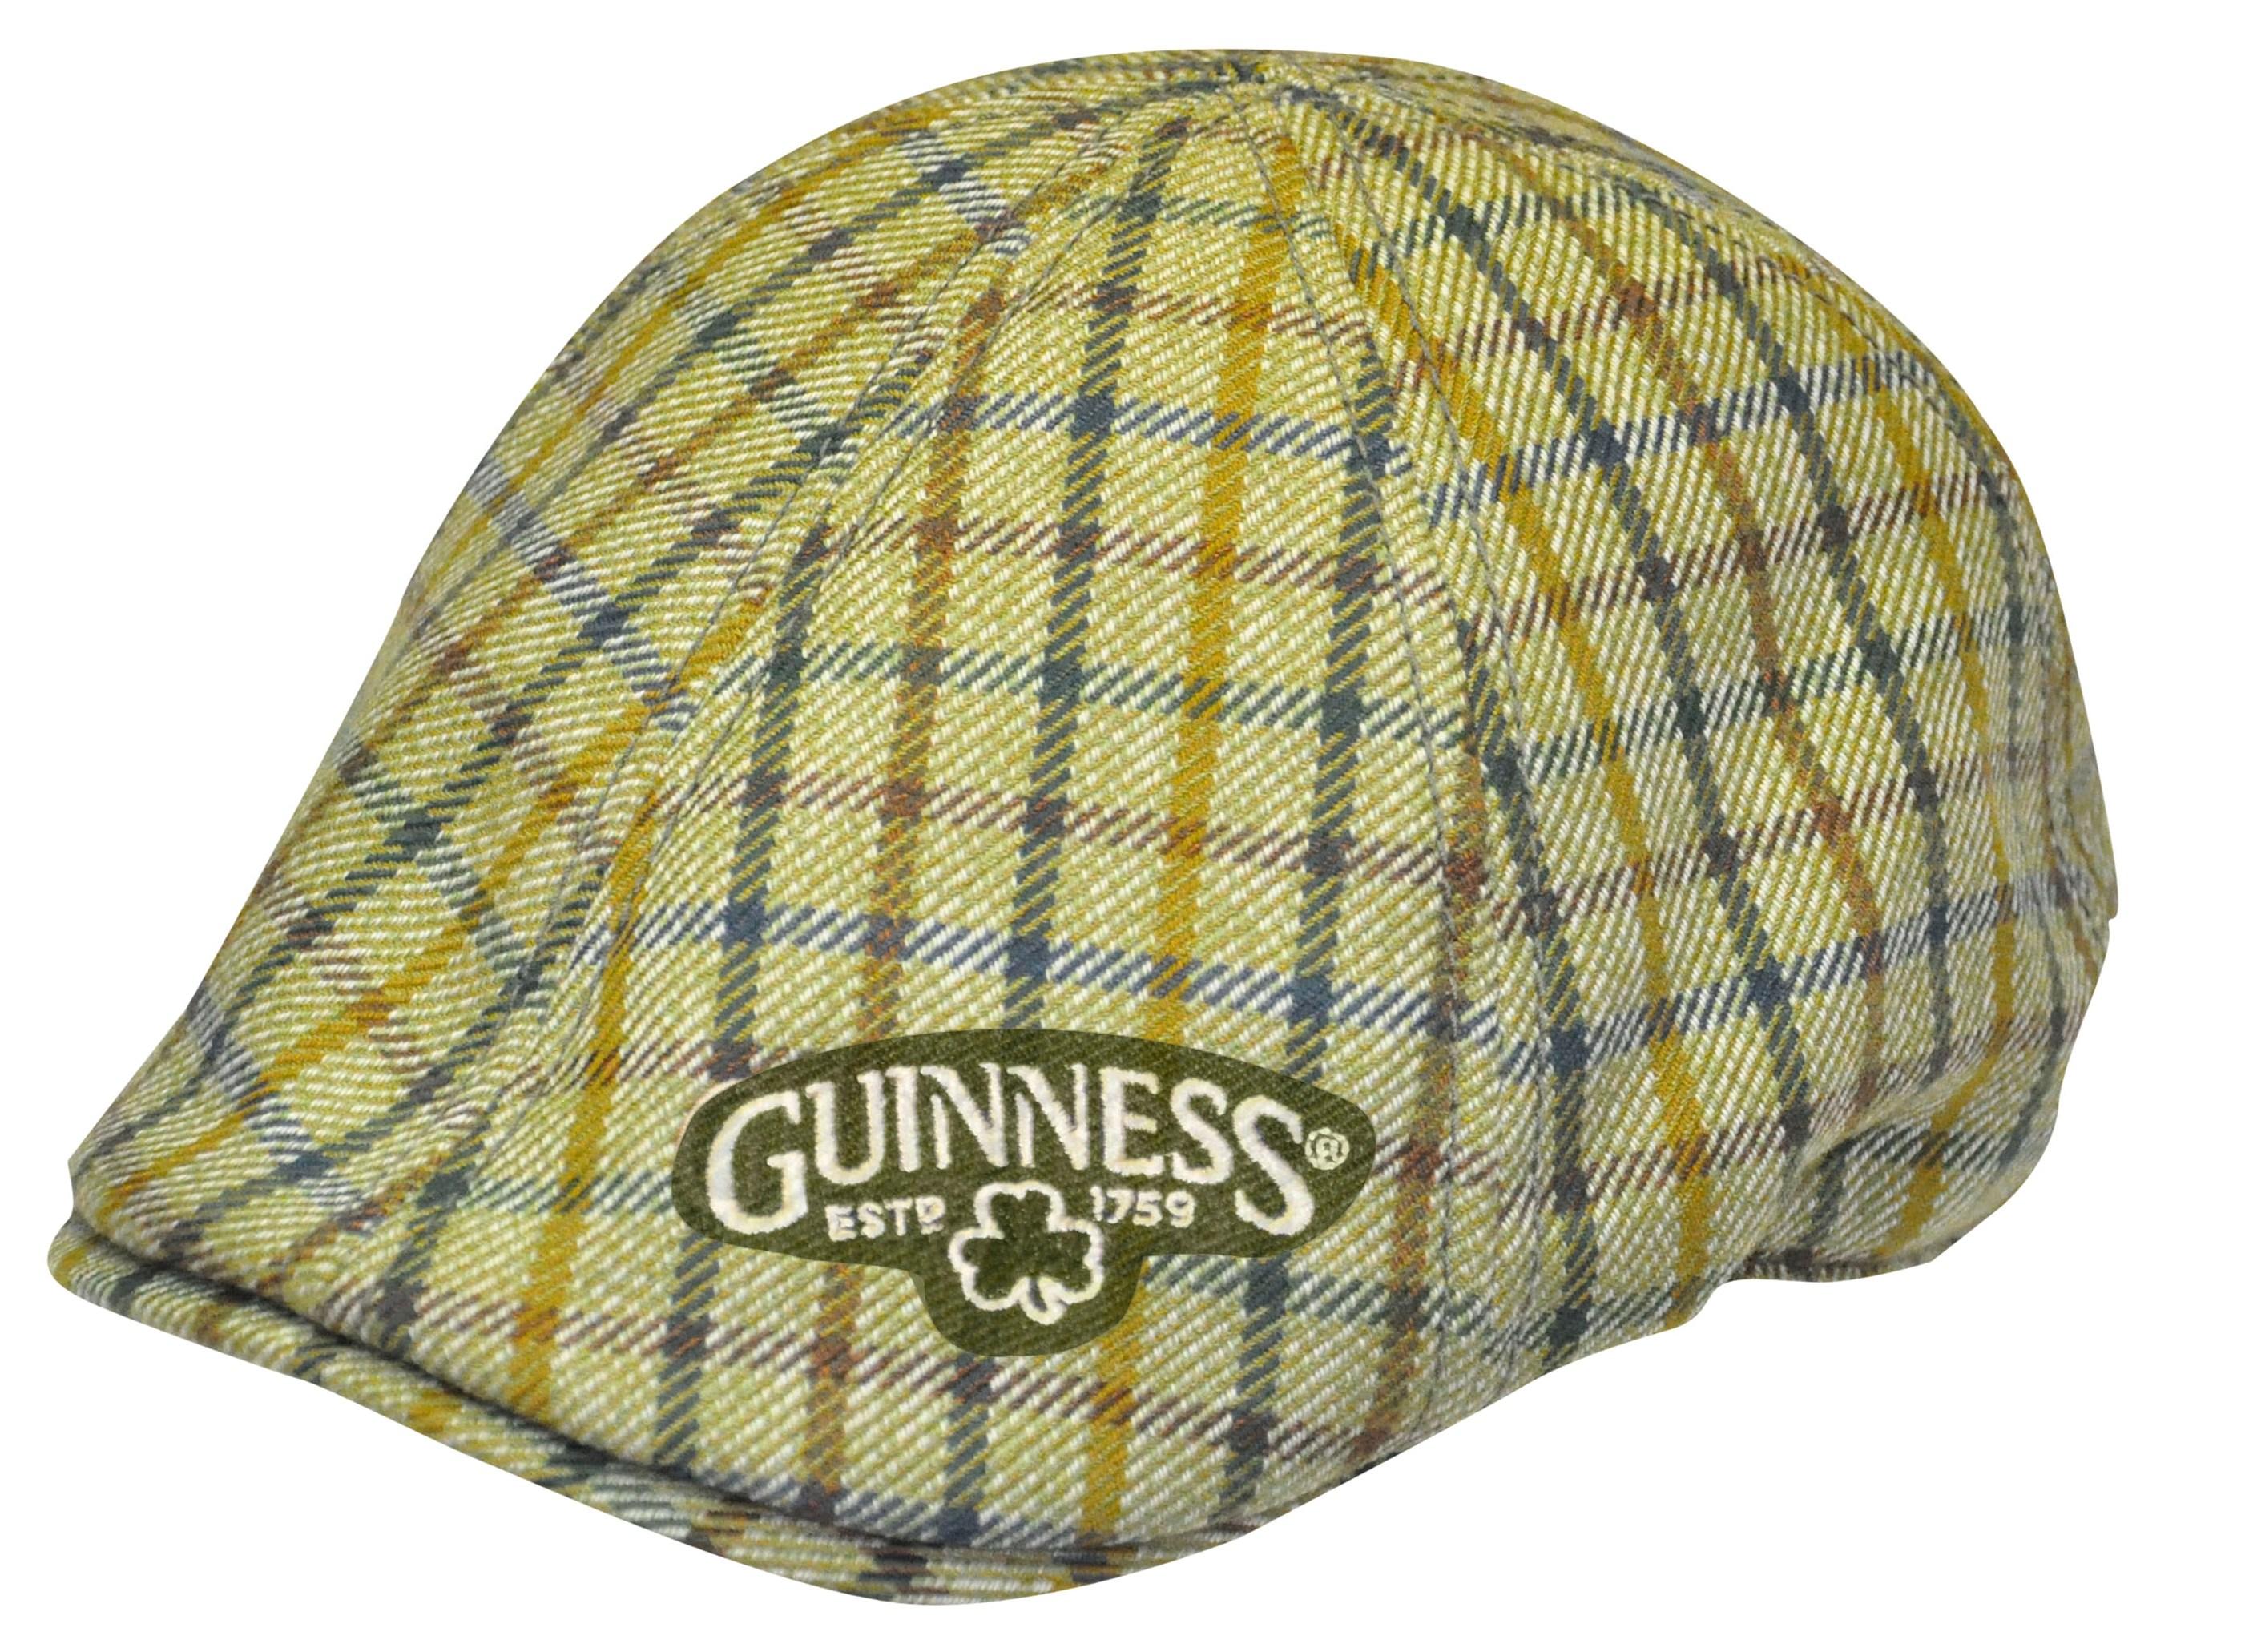 Guinness Green Plaid Ivy Cap GU0002